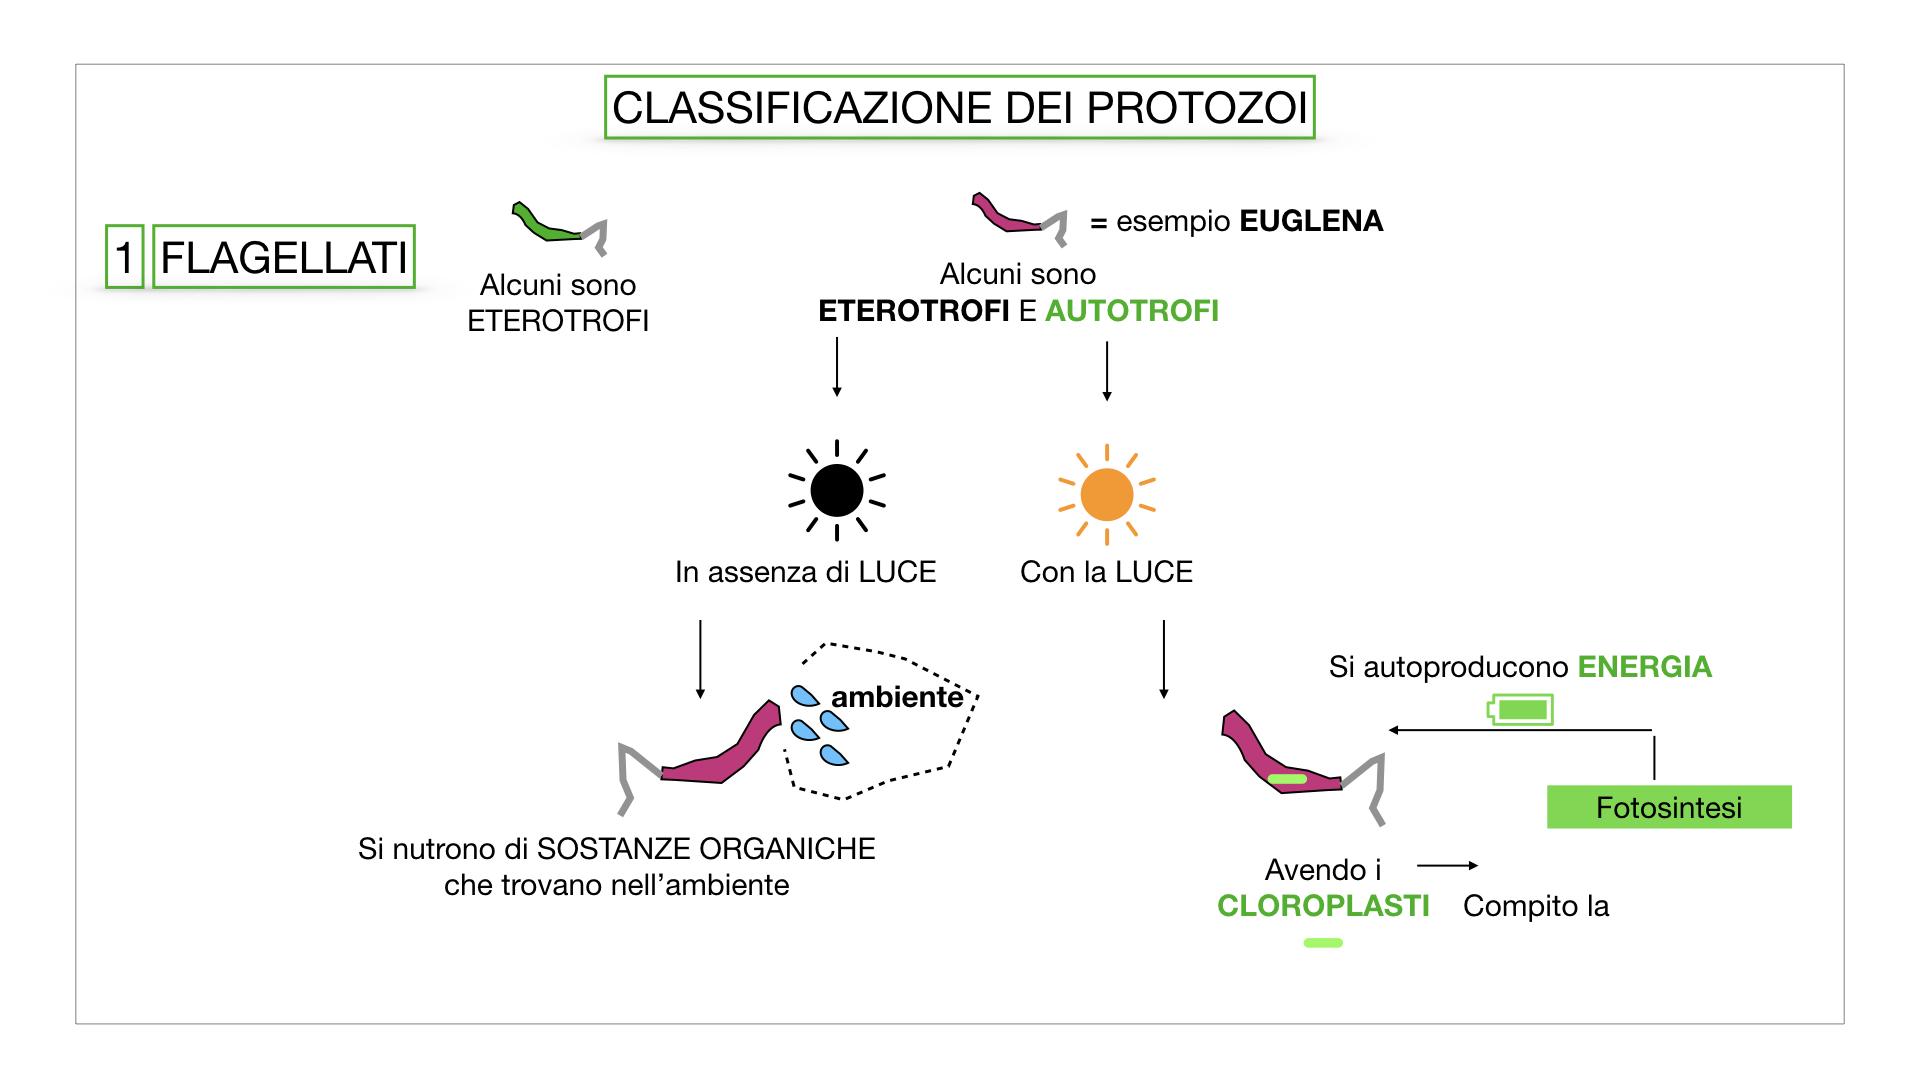 6. PROTOZOI_classificazione_SIMULAZIONE.020